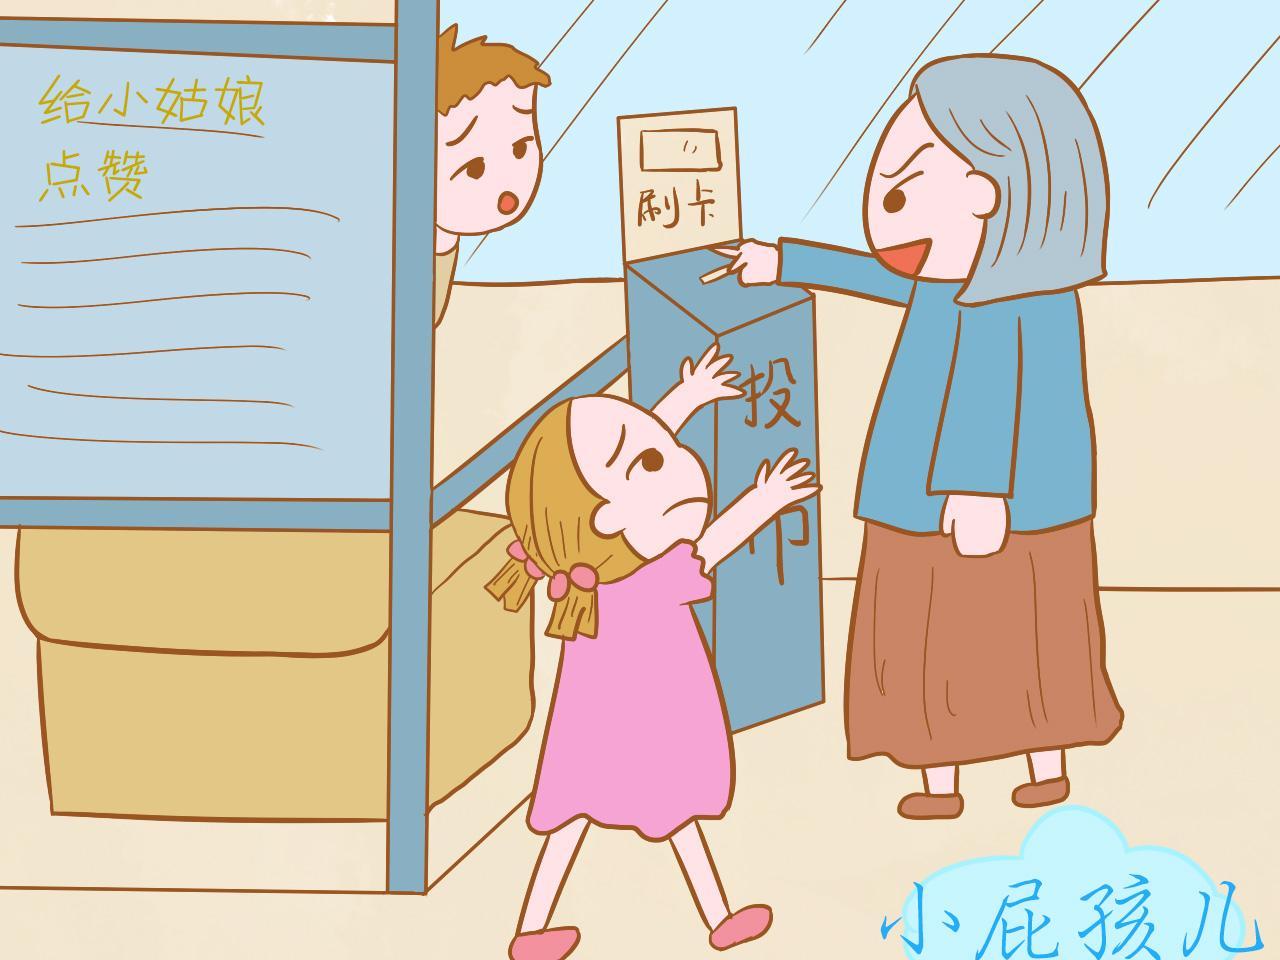 【宝宝帮】奶奶上车后大骂司机,她孙女这一个举动让众人感动